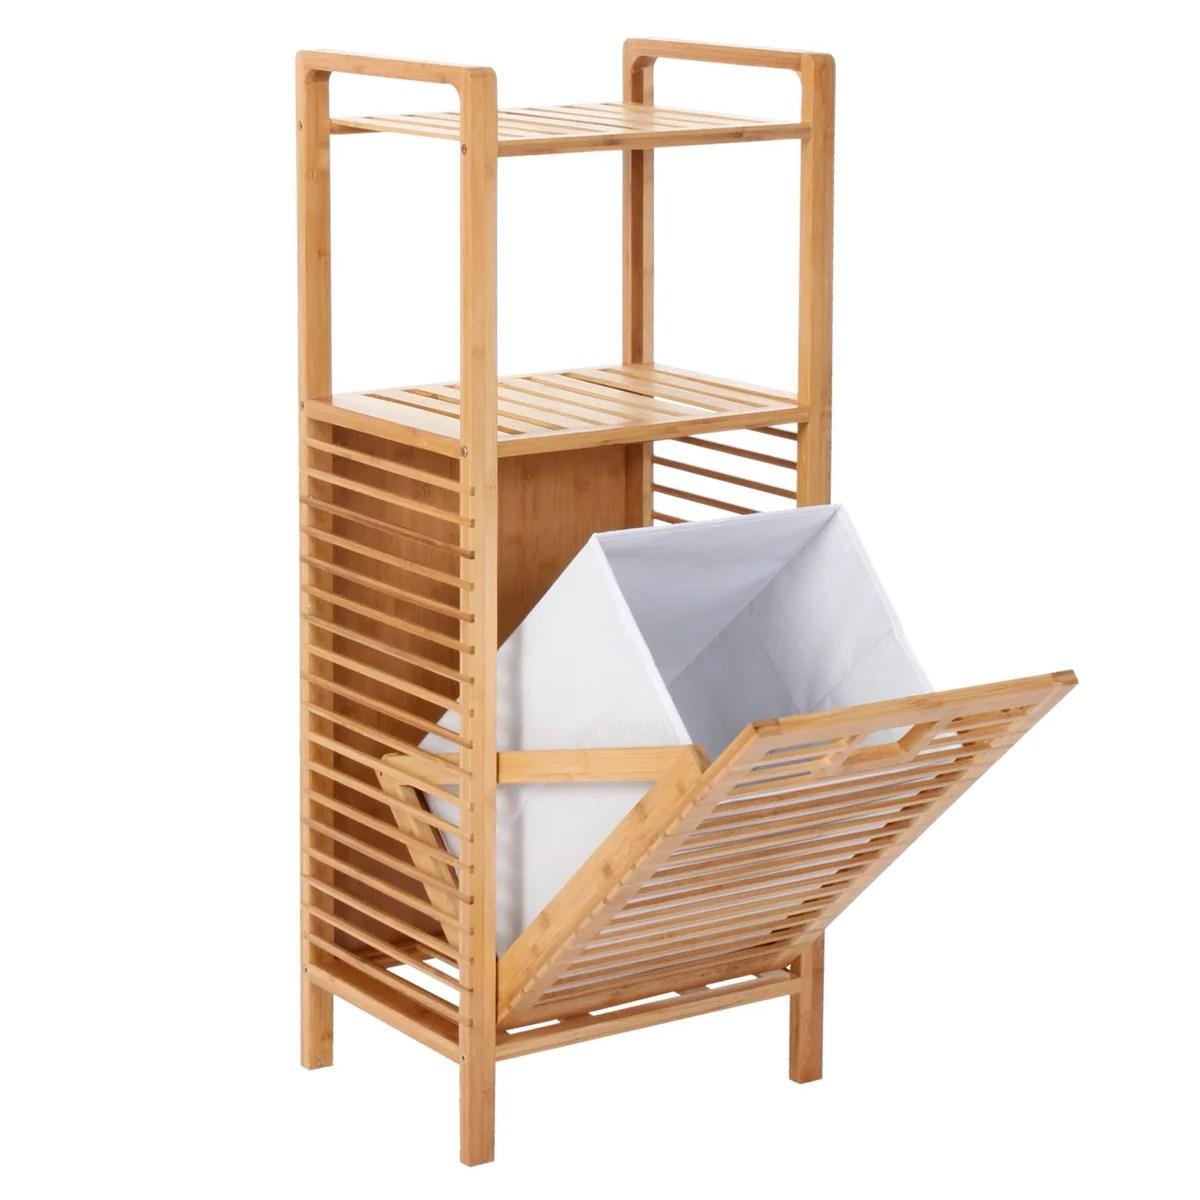 Etagere Meuble Pour Salle De Bain En Bambou Avec Panier A Linge 100x40 Decoshop26